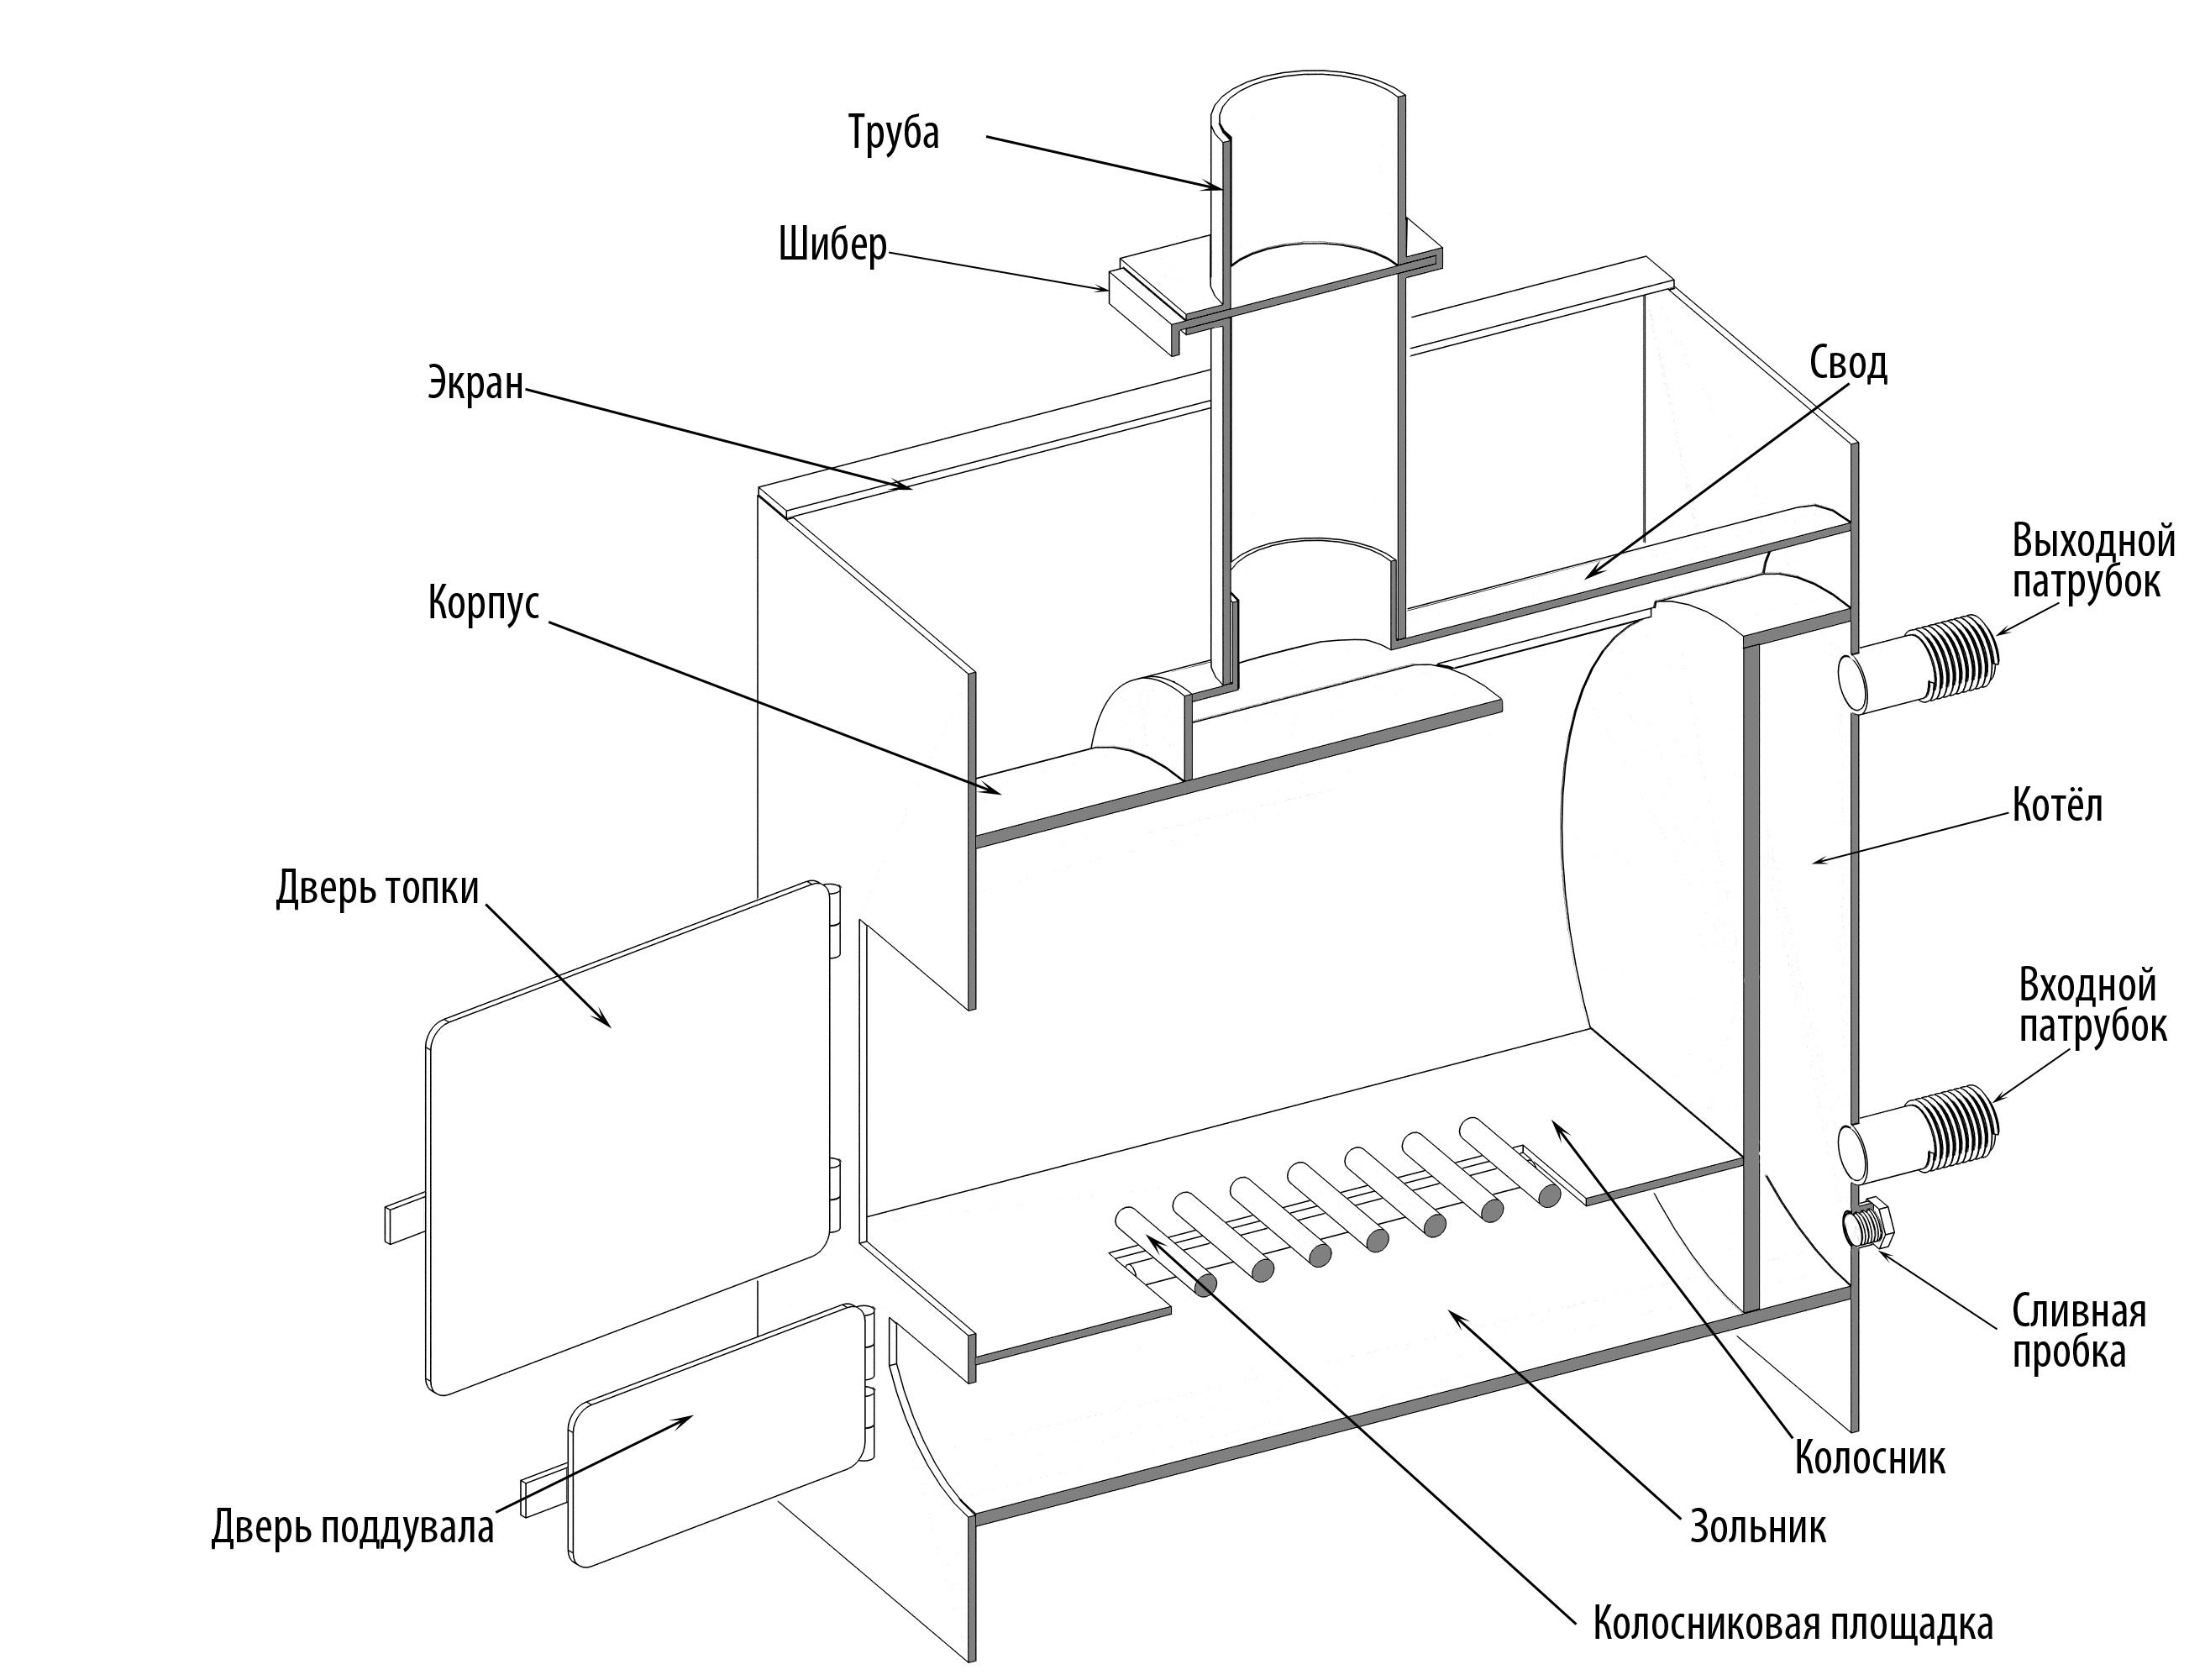 Схемы банных печей из металла своими руками